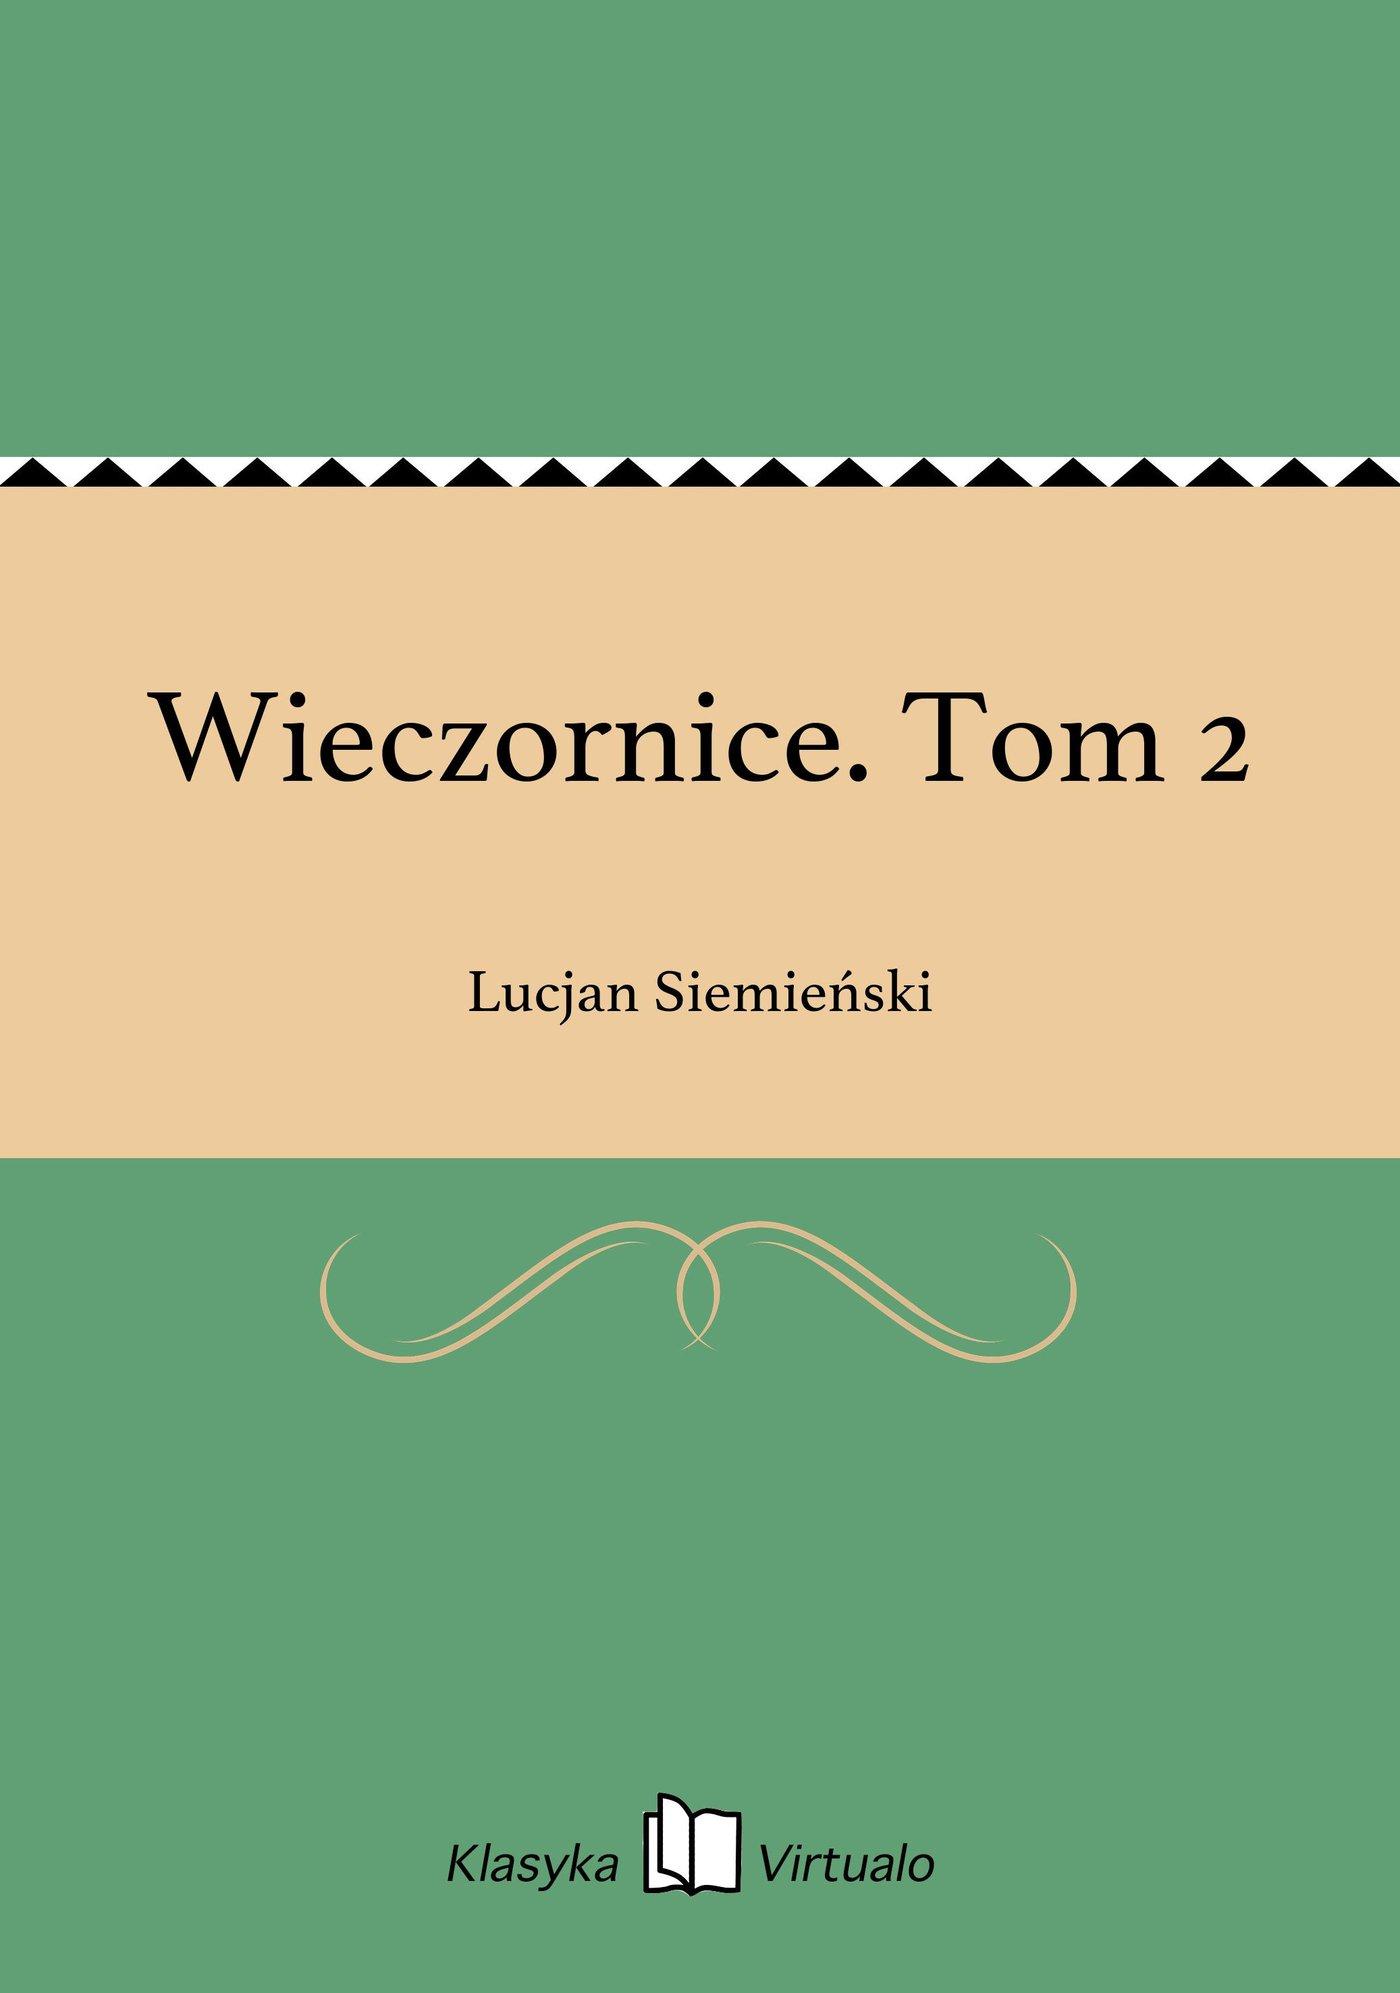 Wieczornice. Tom 2 - Ebook (Książka EPUB) do pobrania w formacie EPUB